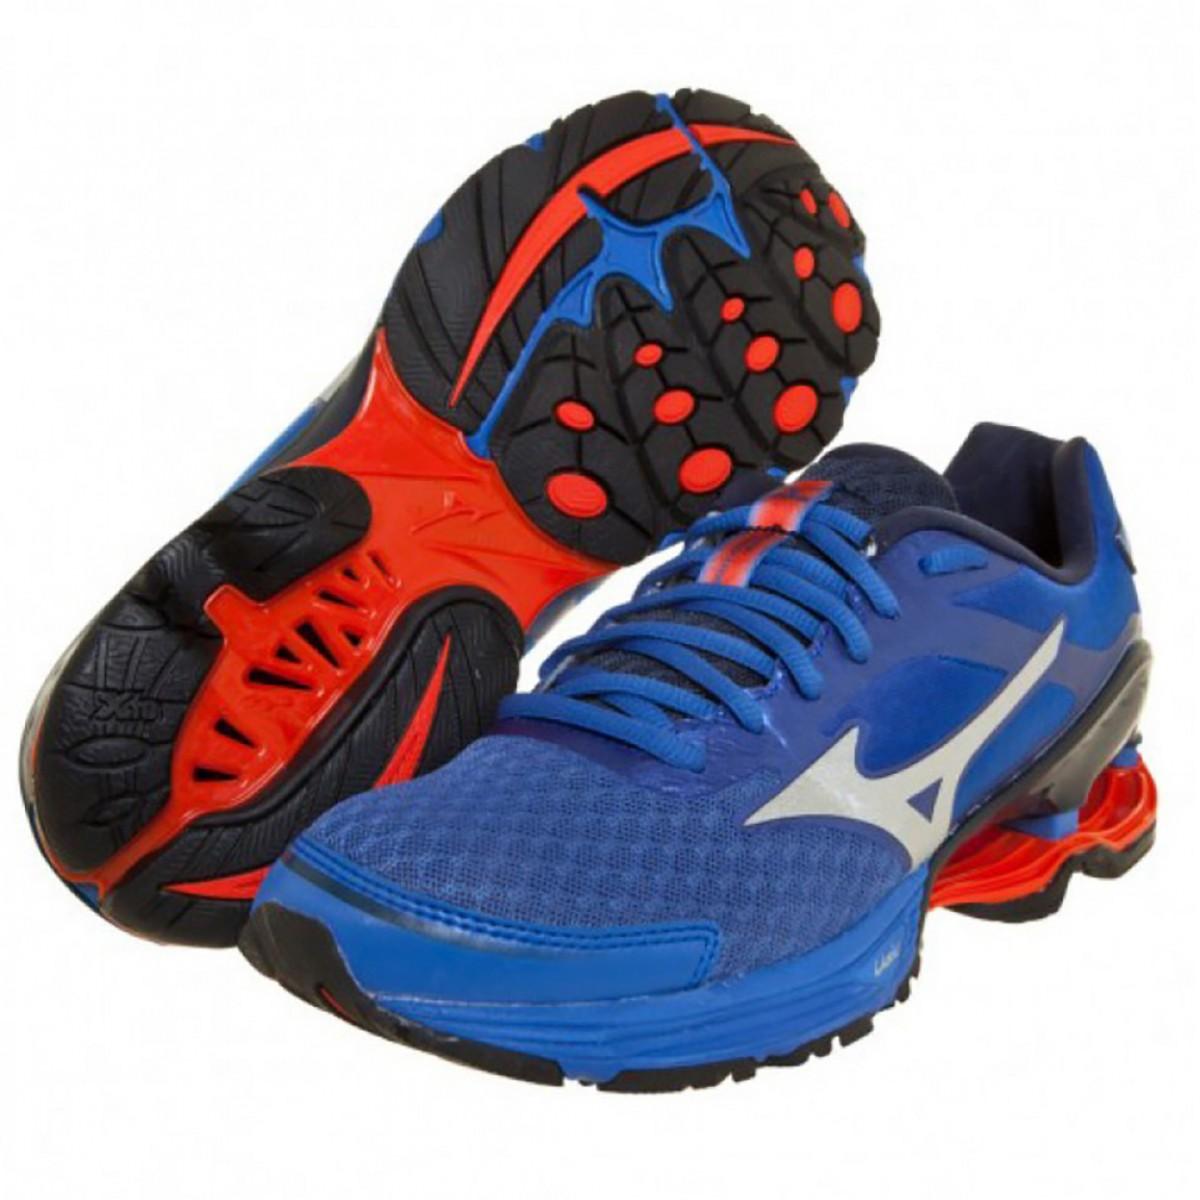 b079600e278 Tênis Mizuno Wave Frontier 8 Masculino Azul e Laranja - Compre Agora ...